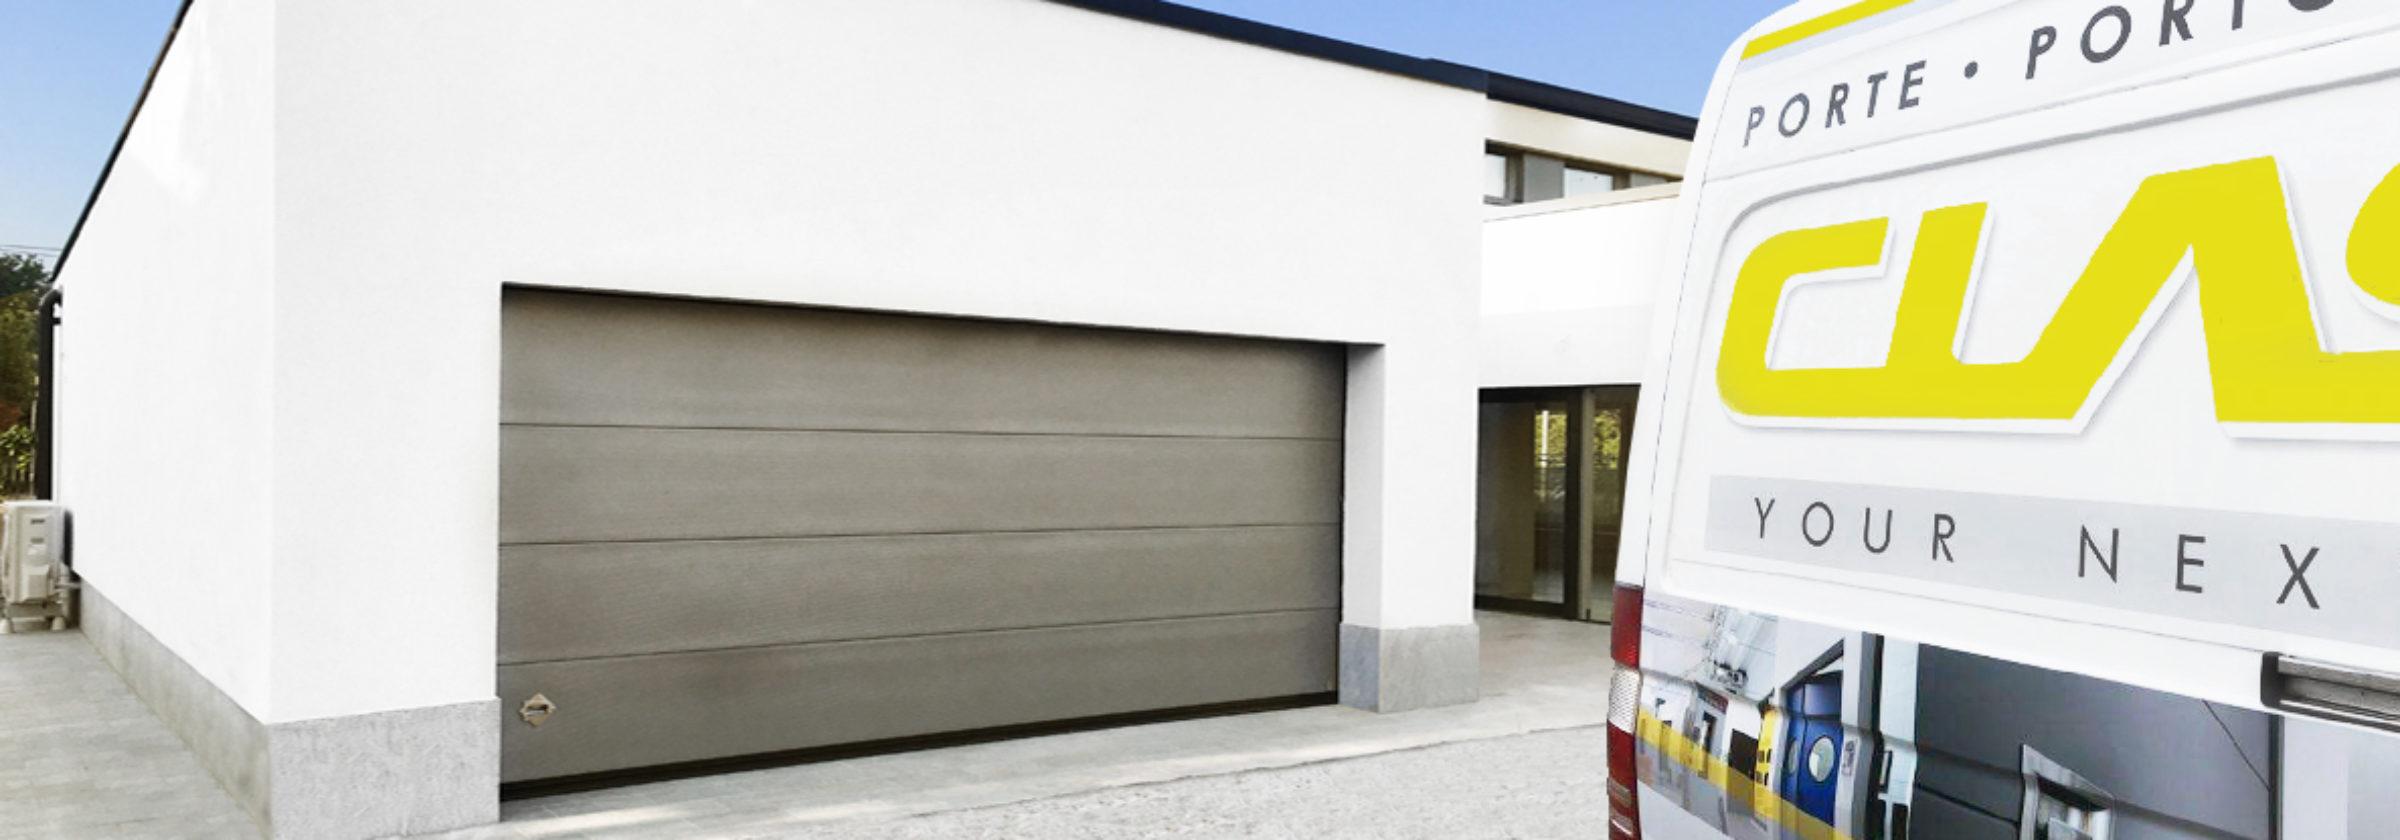 00 2400x840 Clast Srl   Your Next Door | Clast srl: porte, portoni, sicurezza, cancelli, automazioni. Via Soncino 5, Trescore Cremasco